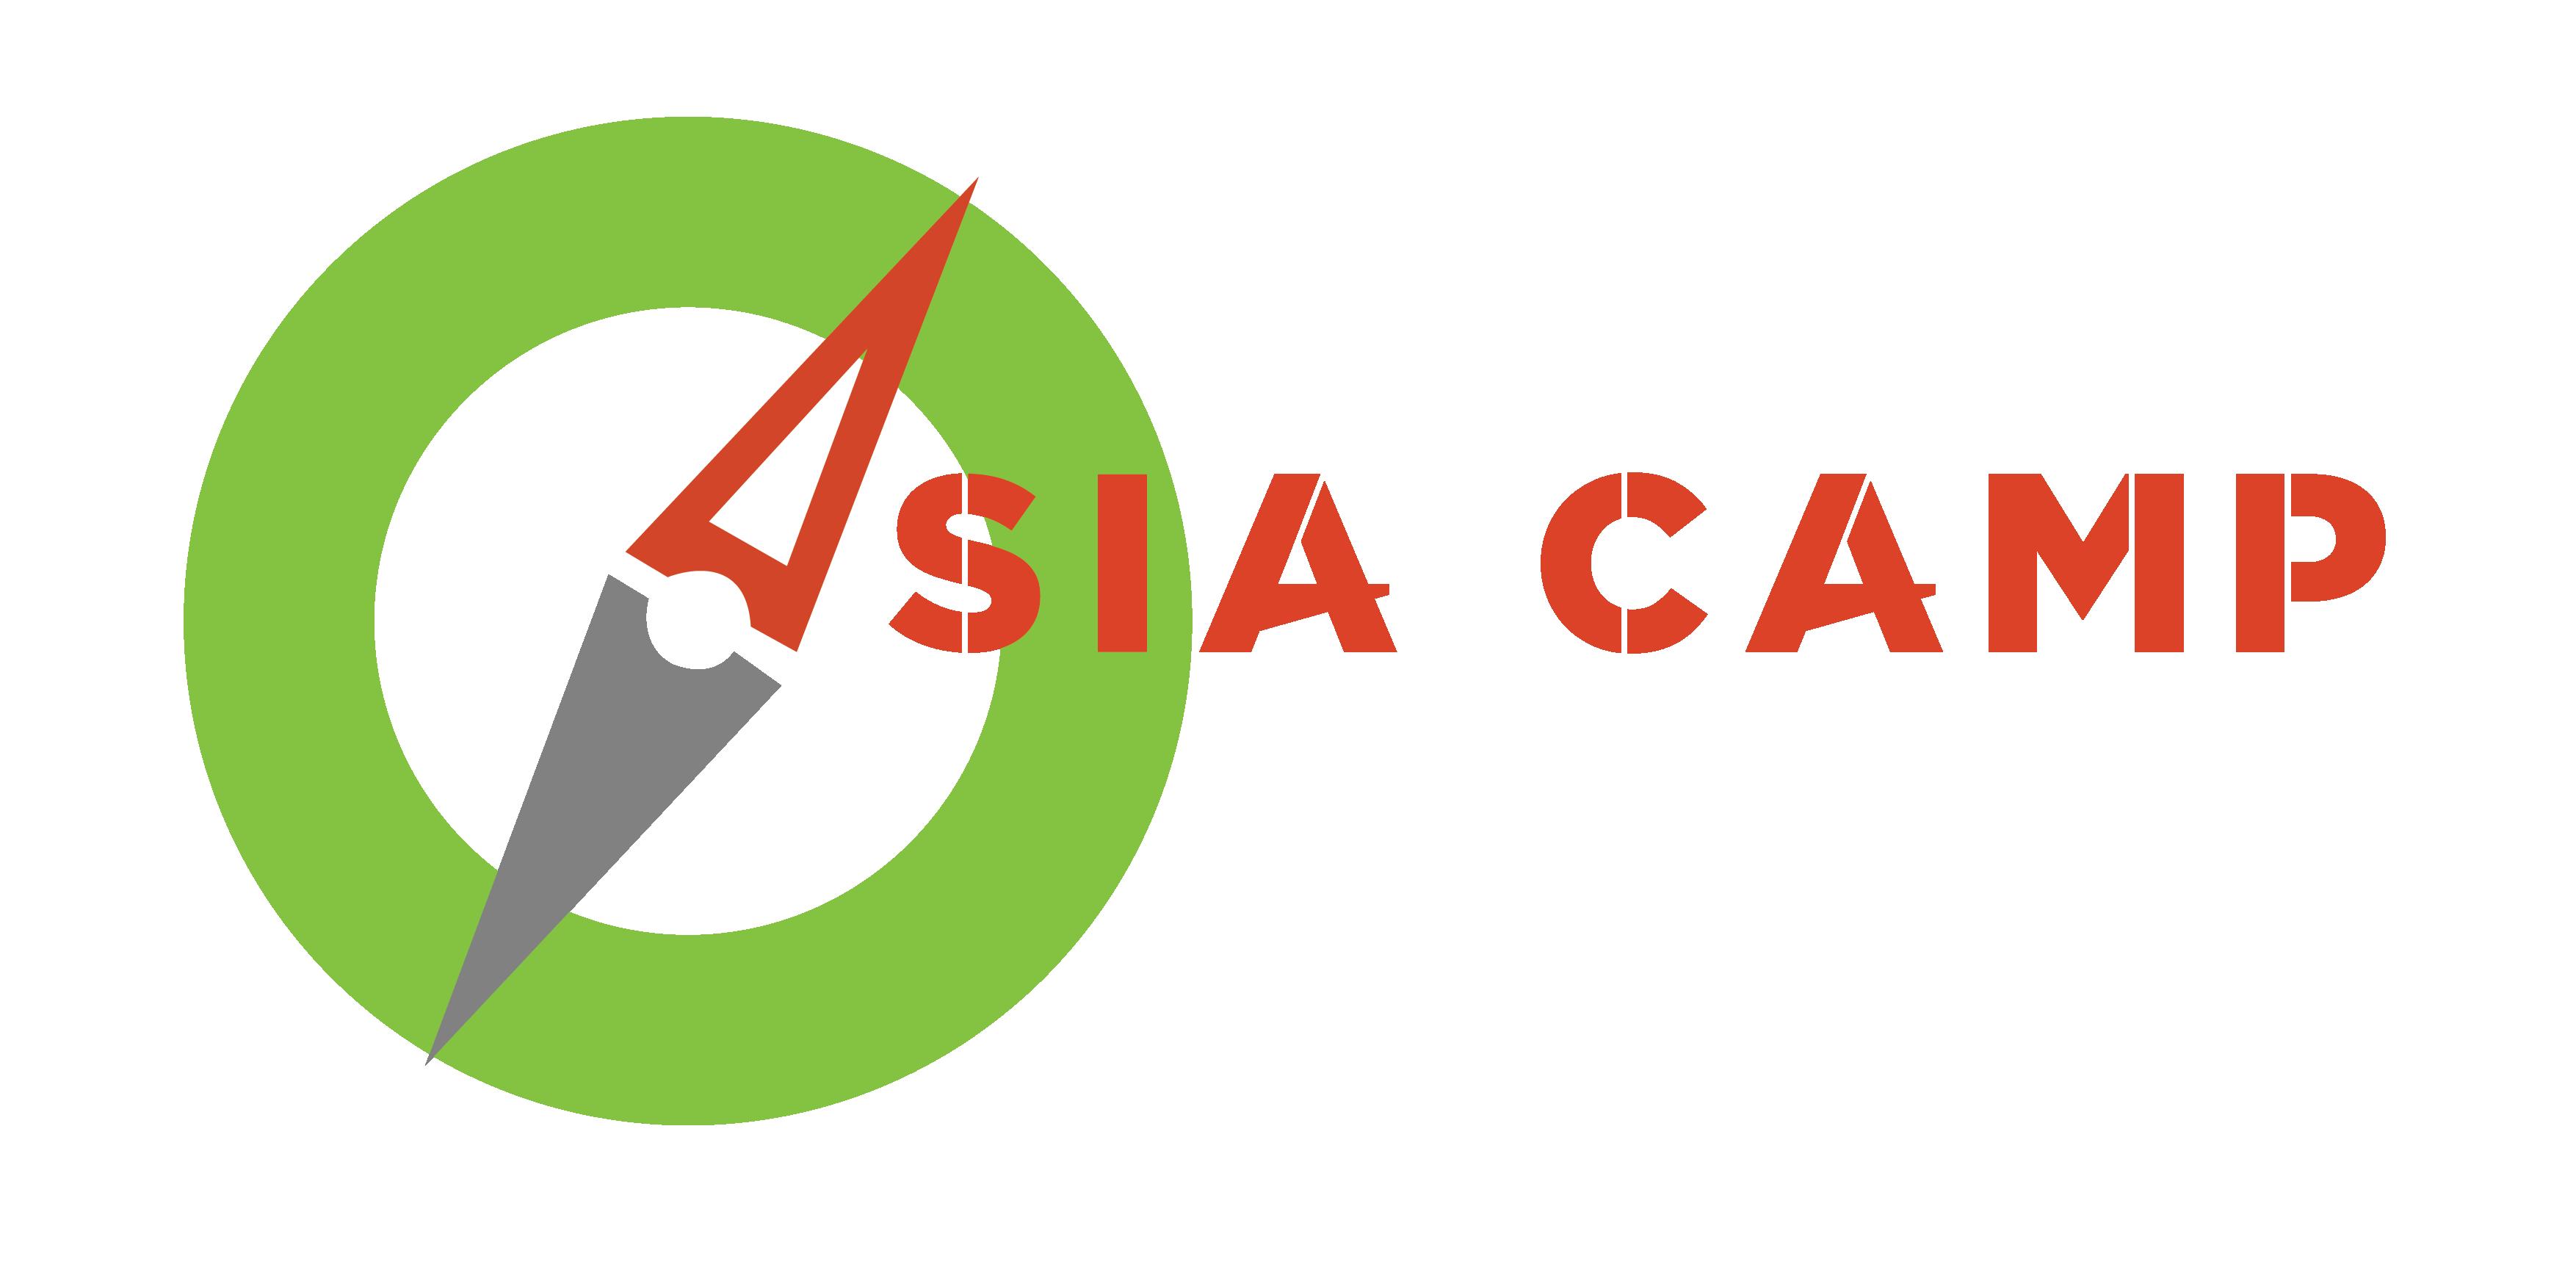 Kem Alang Sedayu - Asia Camp